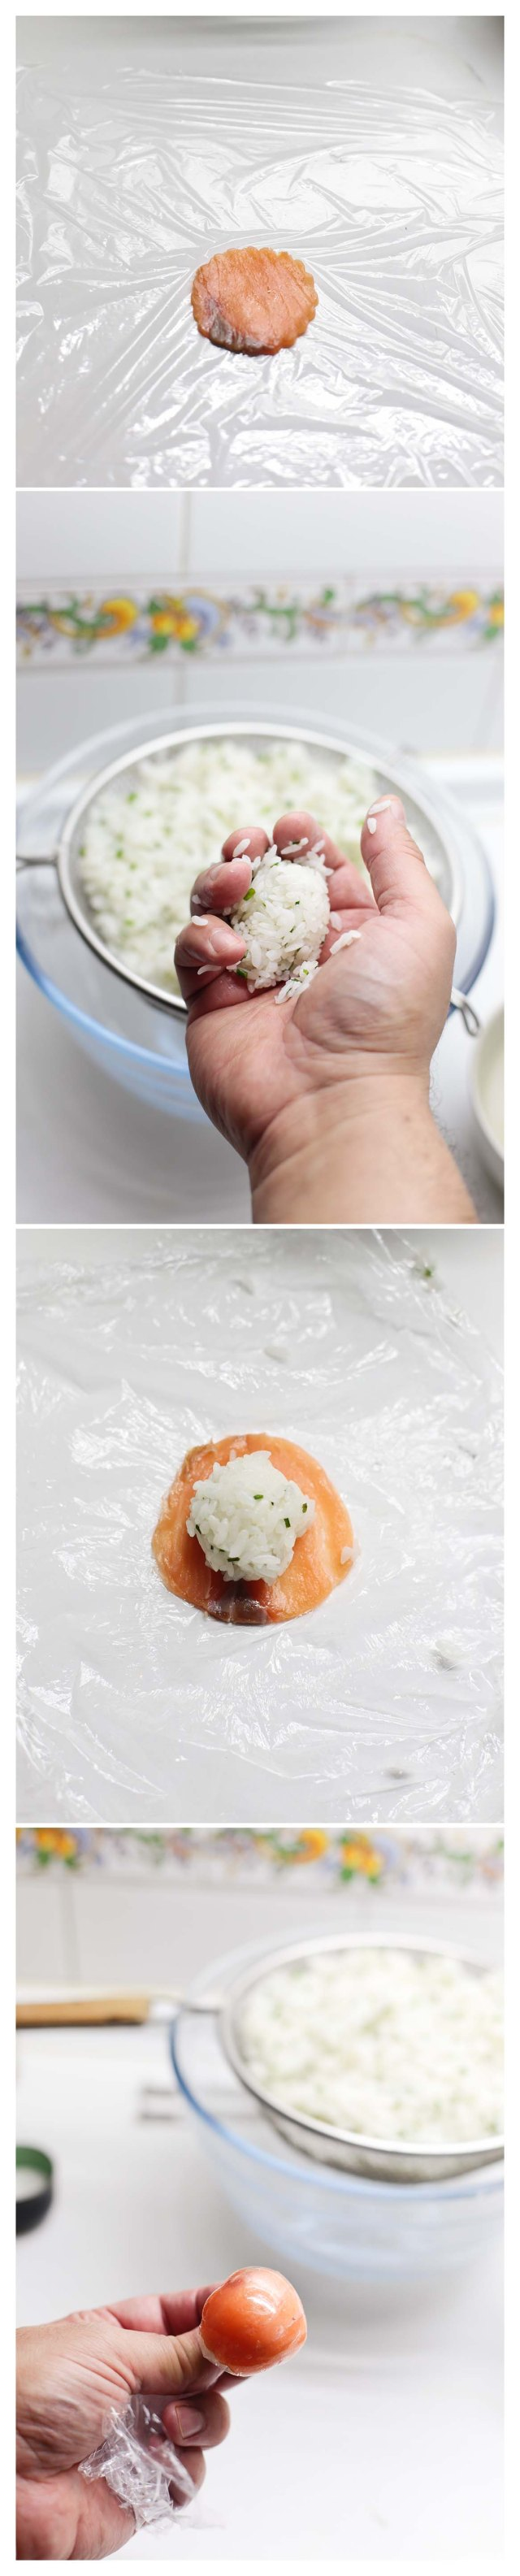 elaboracion de arroz 3